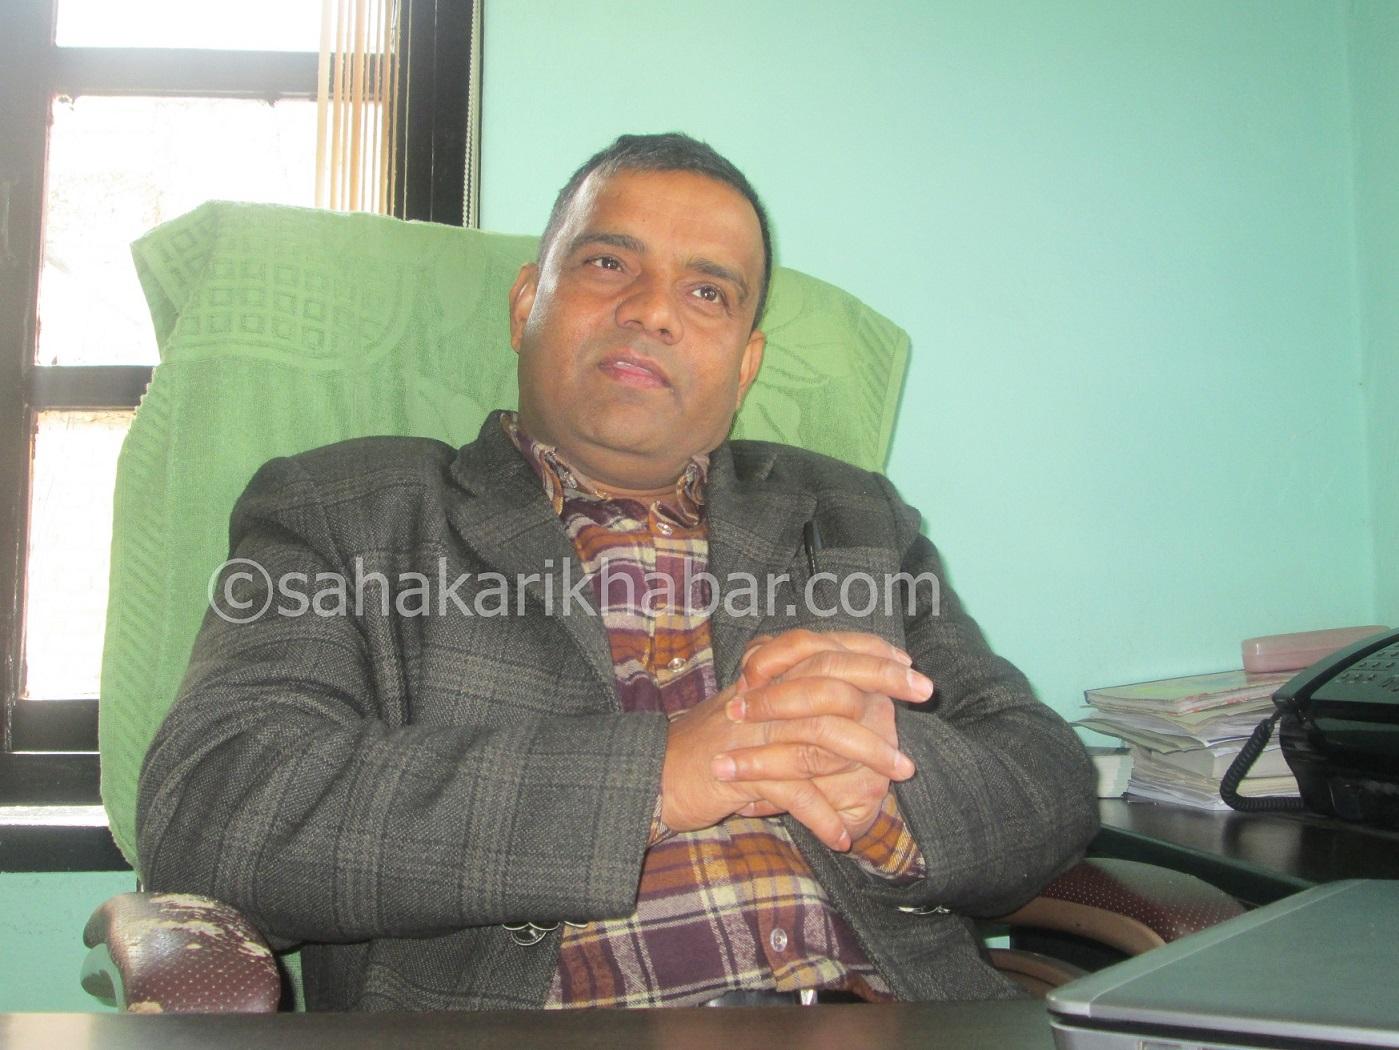 Tek_Prasad_Chaulagai (2) copy